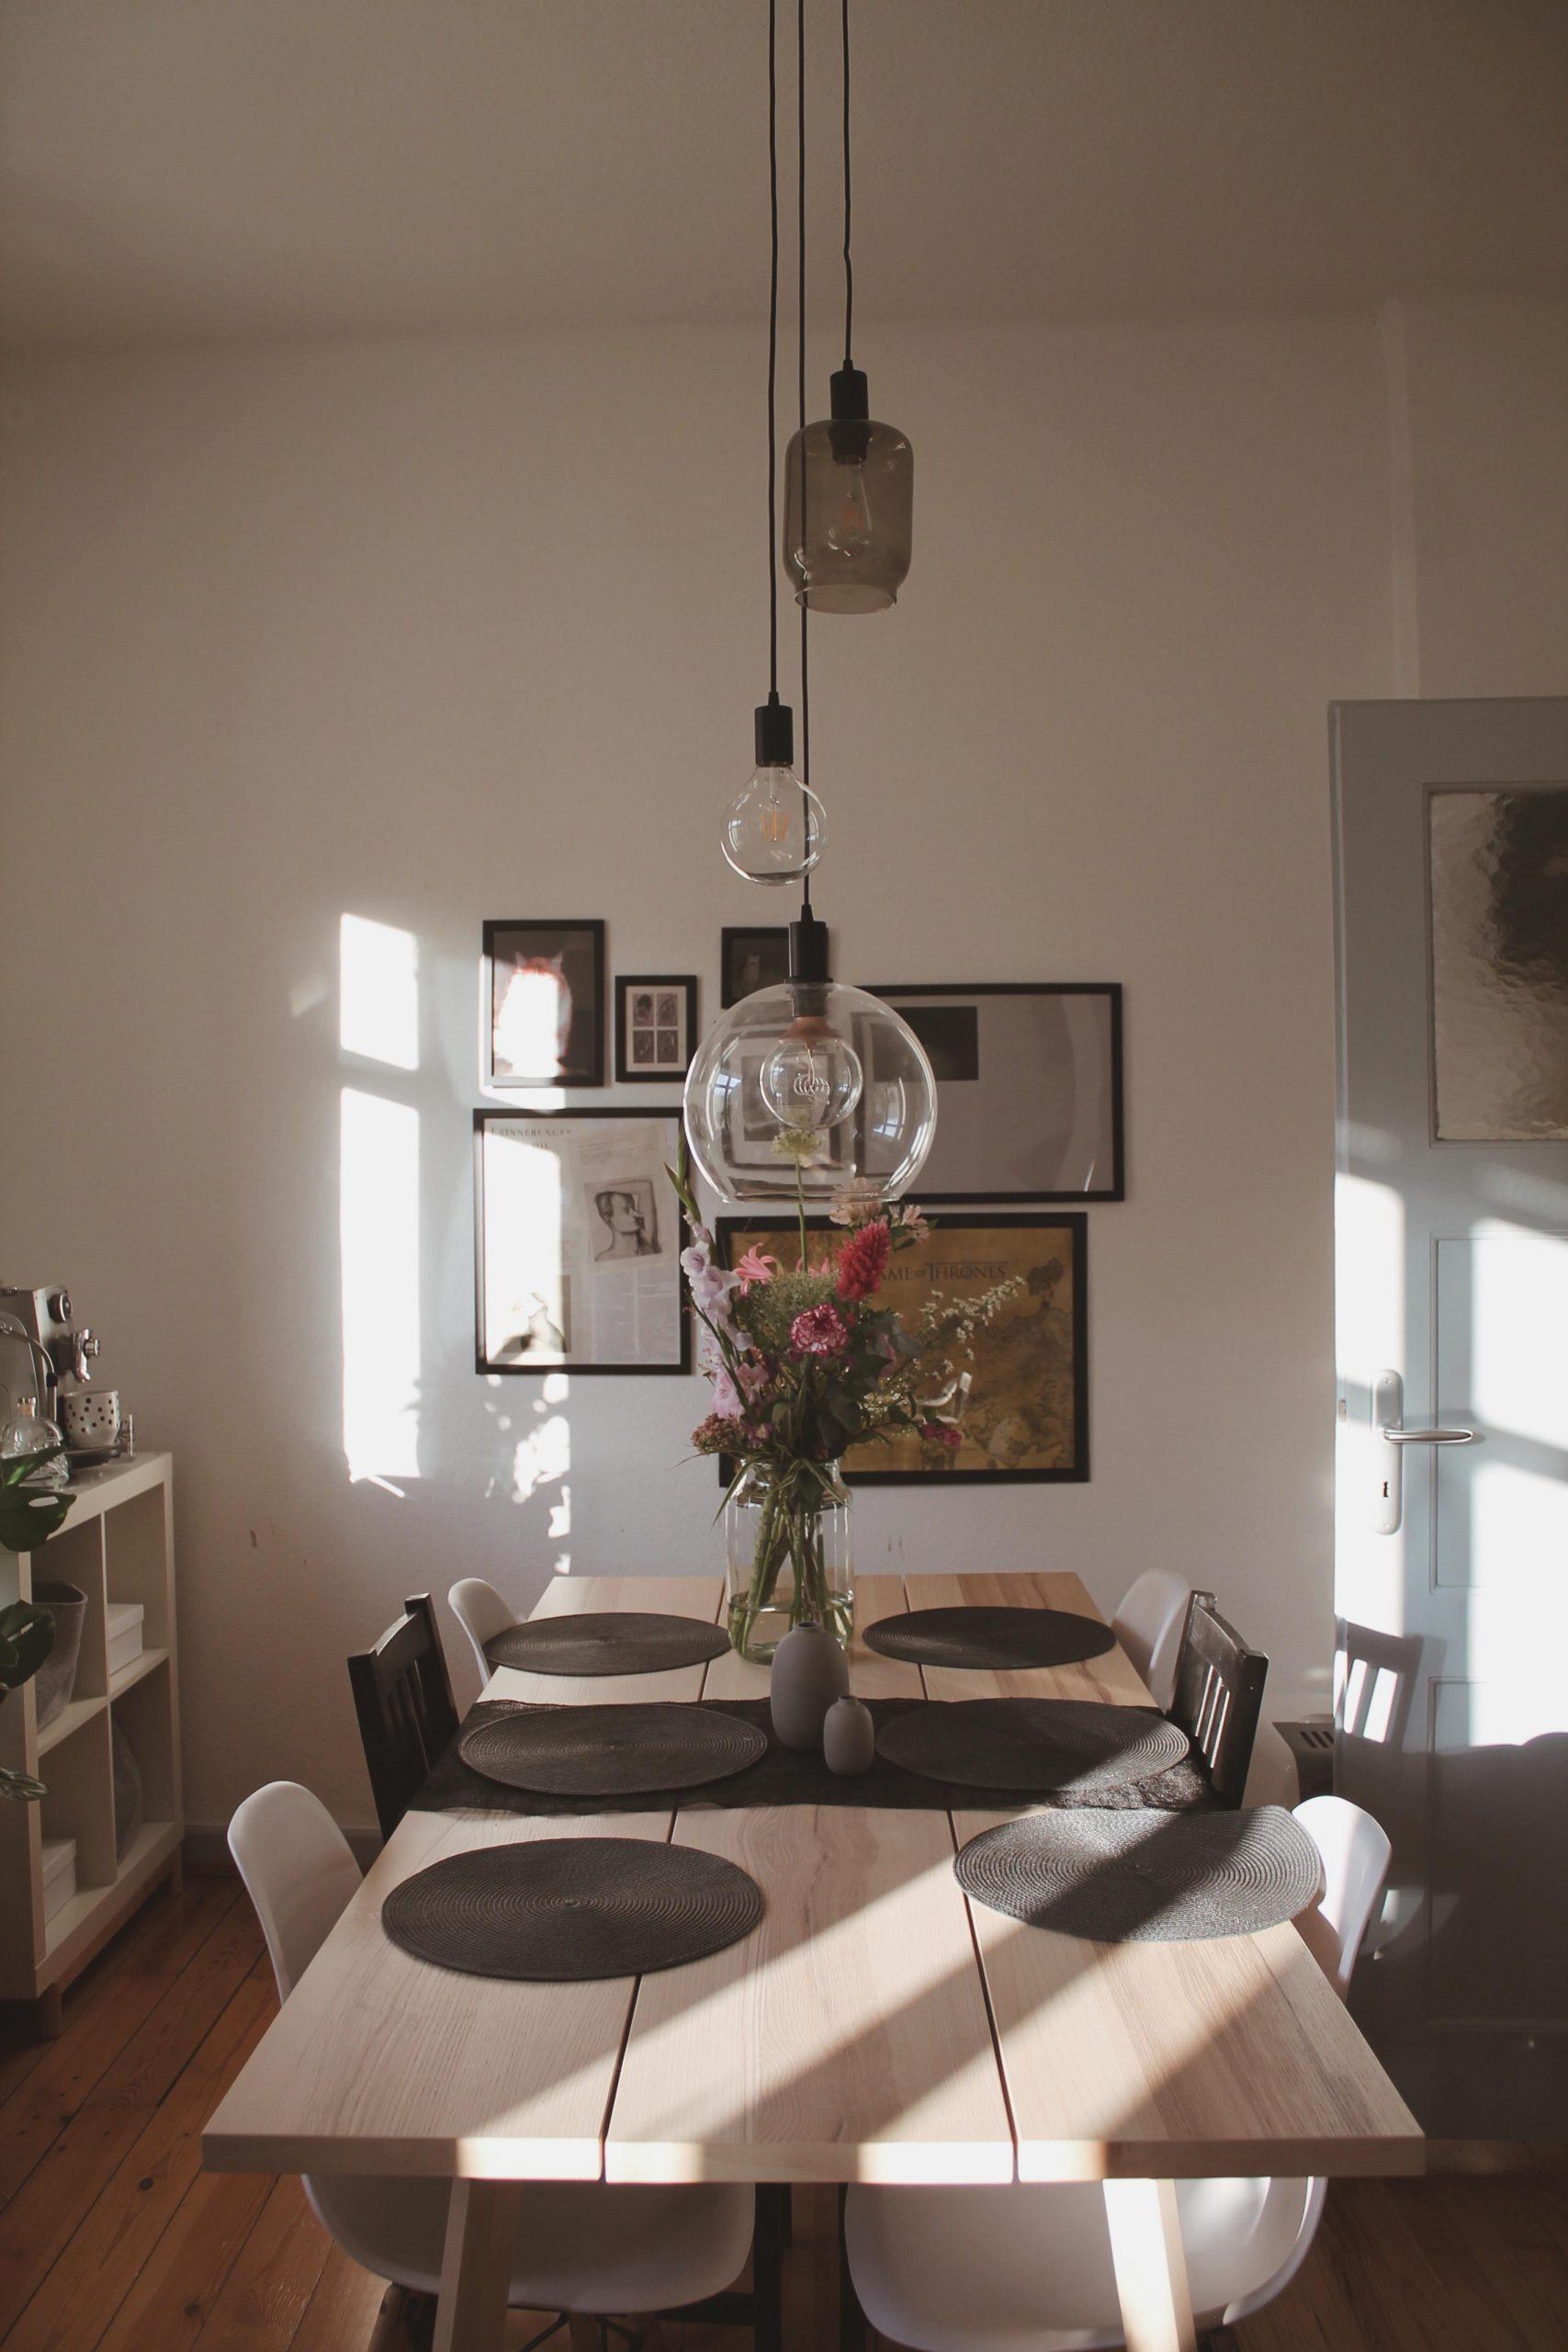 Full Size of Ikea Lampen Lampe Kchenschrank Schrank Einrichtungsideen Mit Dem Stehlampen Wohnzimmer Badezimmer Sofa Schlaffunktion Schlafzimmer Deckenlampen Für Miniküche Wohnzimmer Ikea Lampen